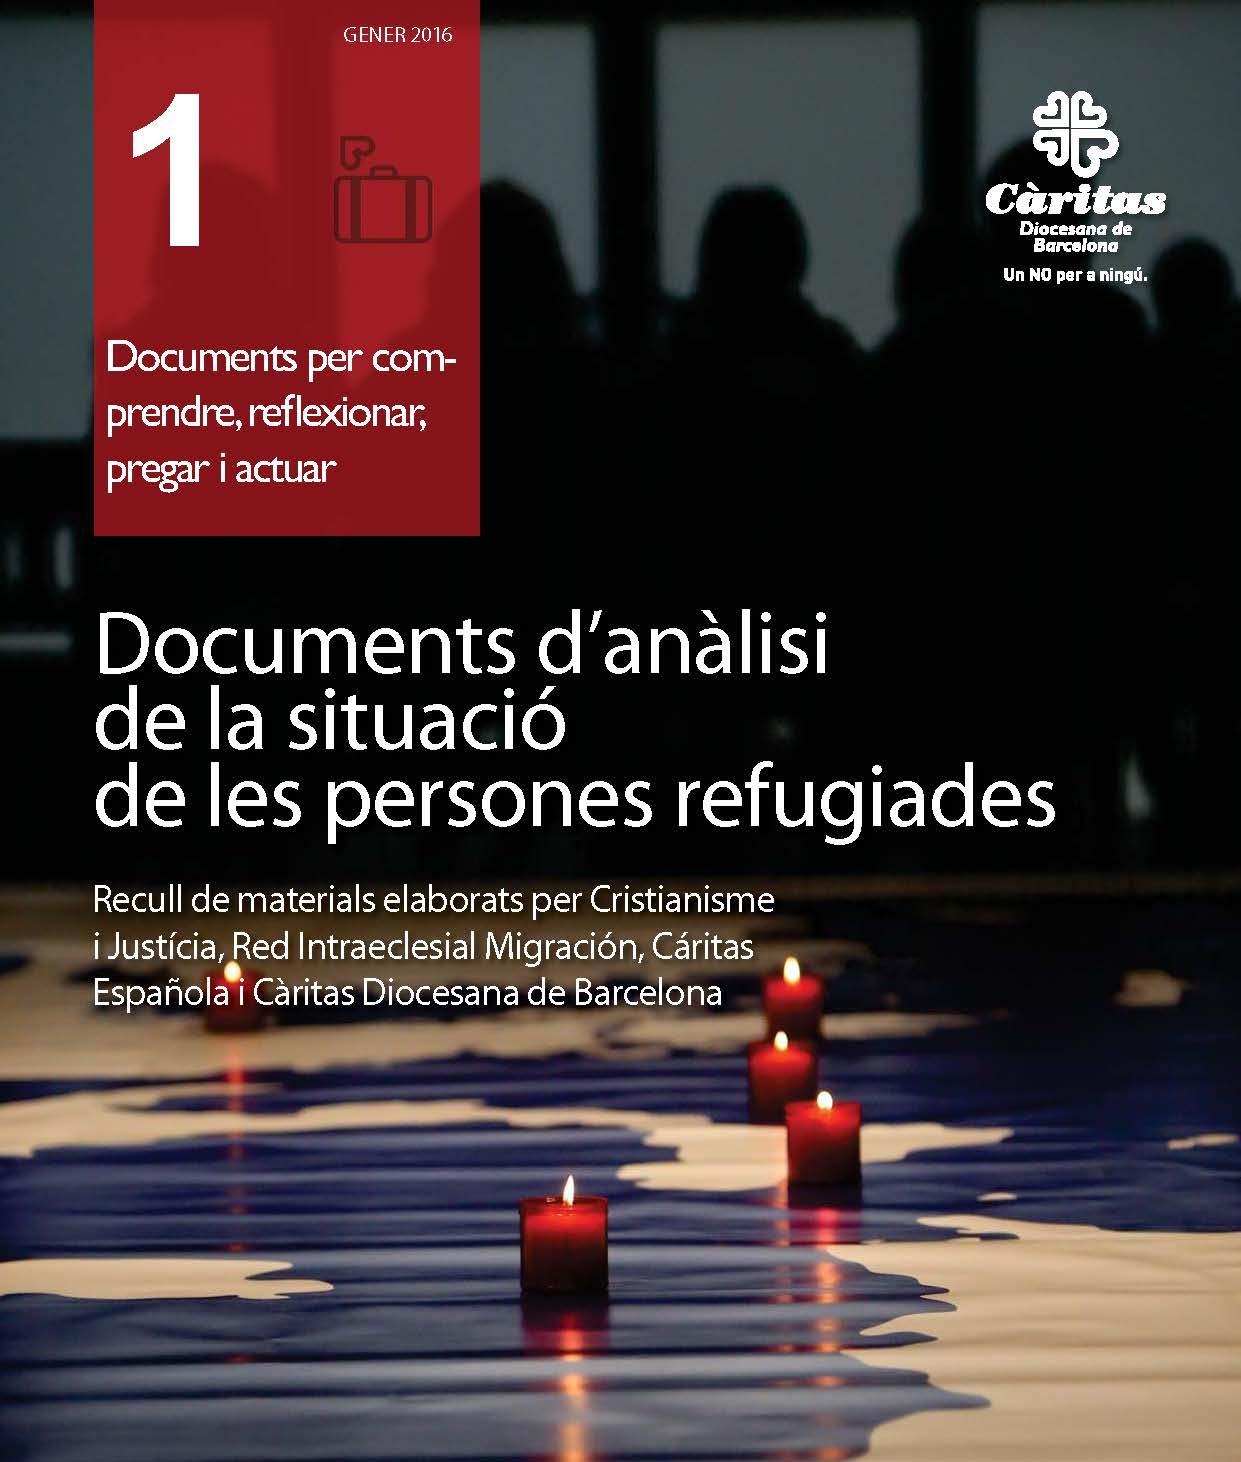 Documents d'anàlisi de la situació de les persones refugiades - Documents d'anàlisi de la situació de les persones refugiades